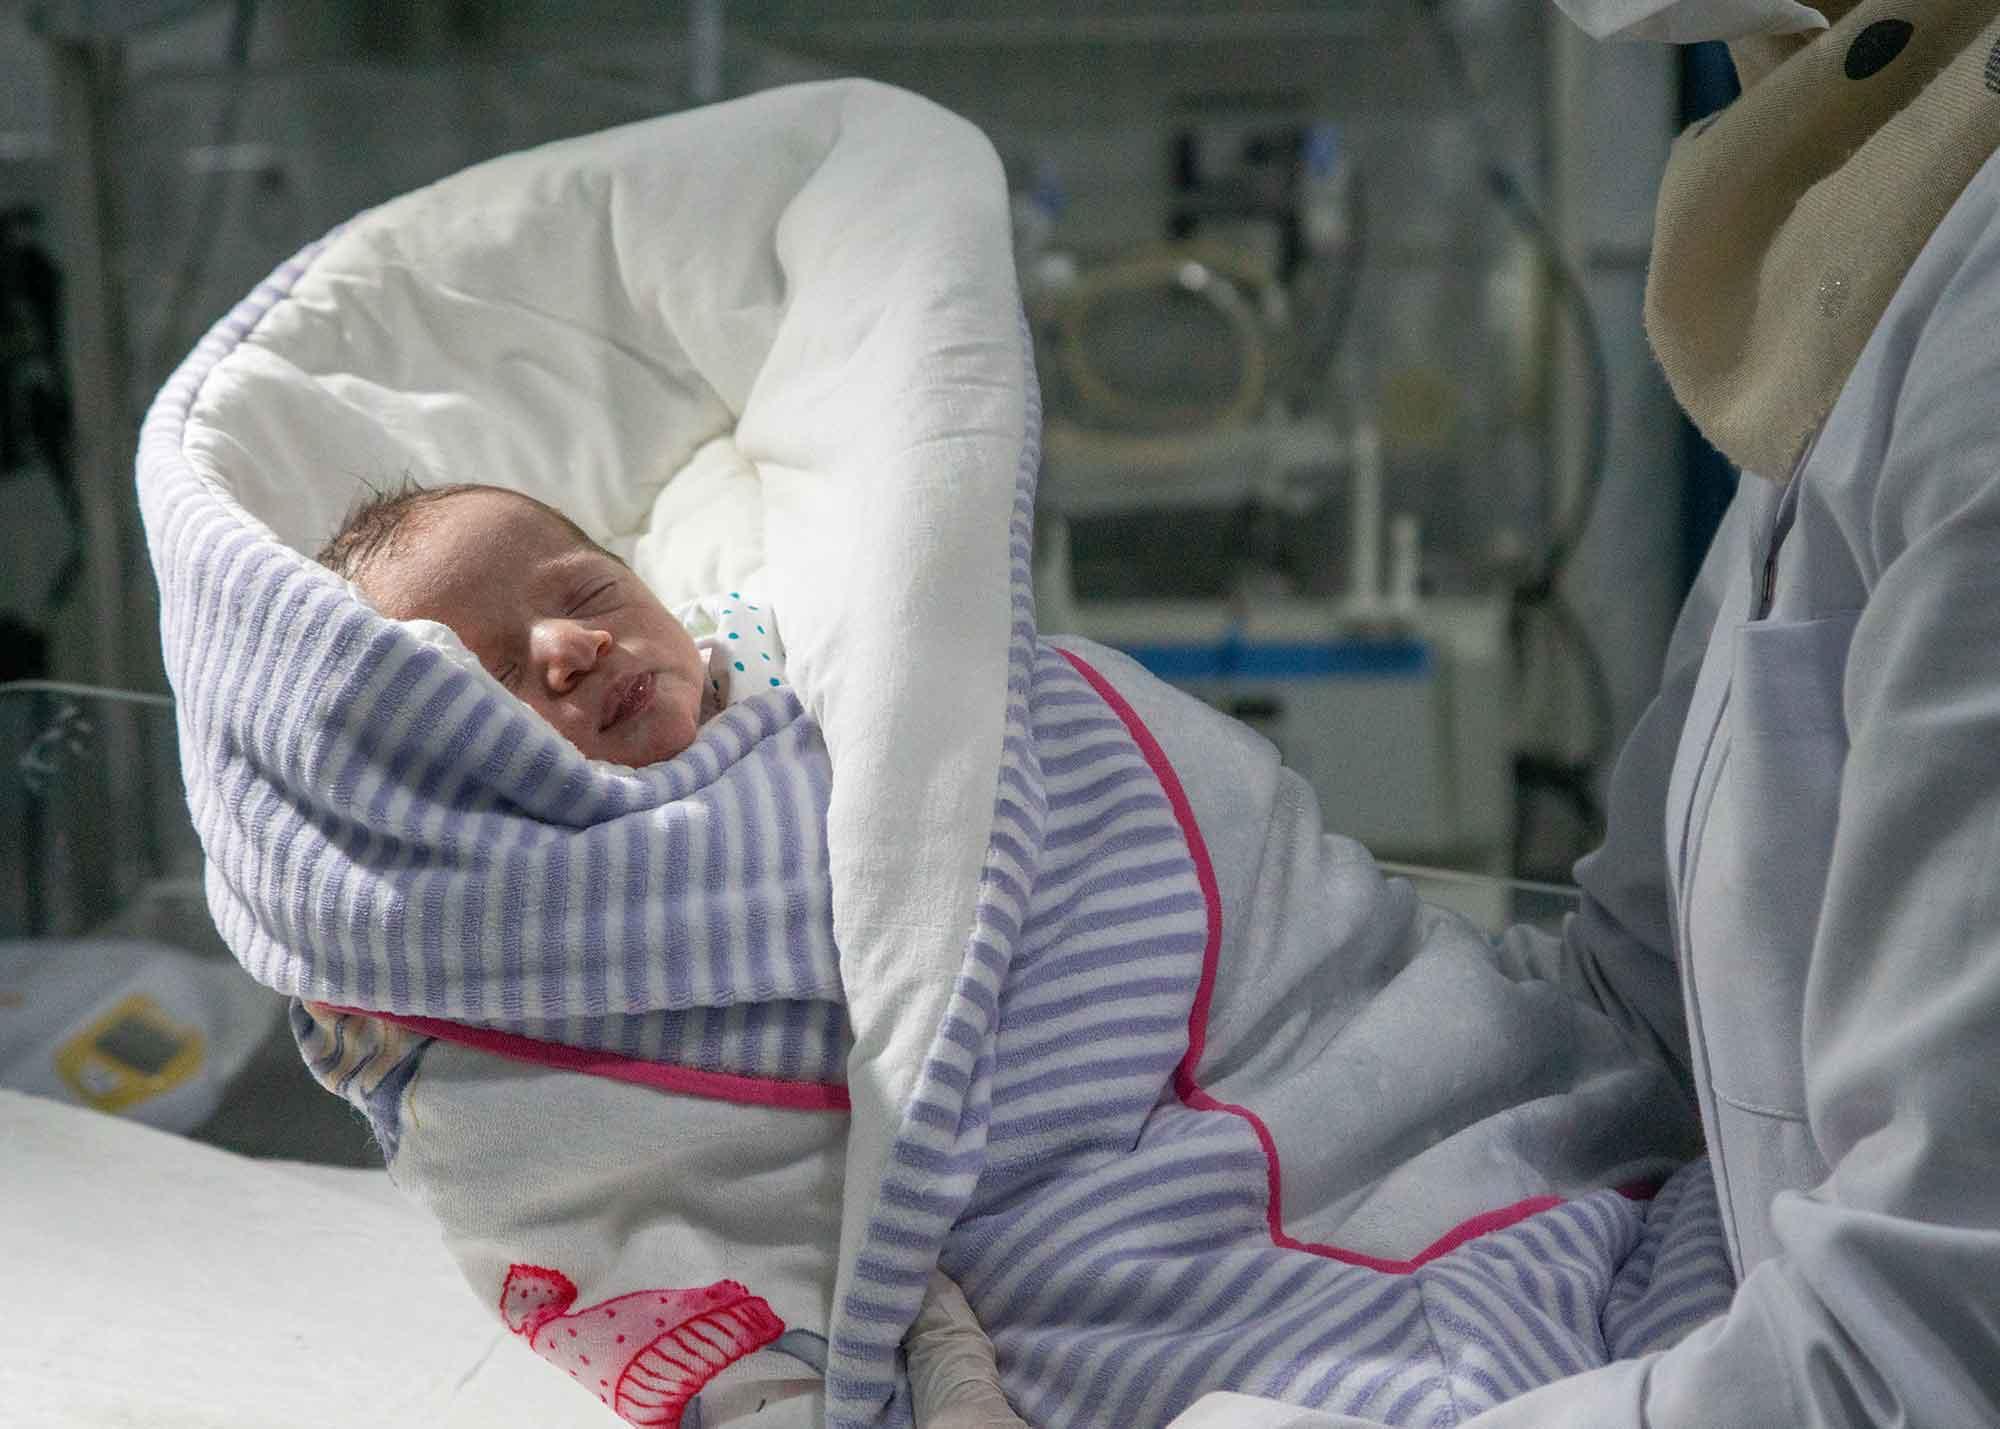 عملٌ دؤوب .. أرقام وإحصائيات حول عمل مشفى الأمومة